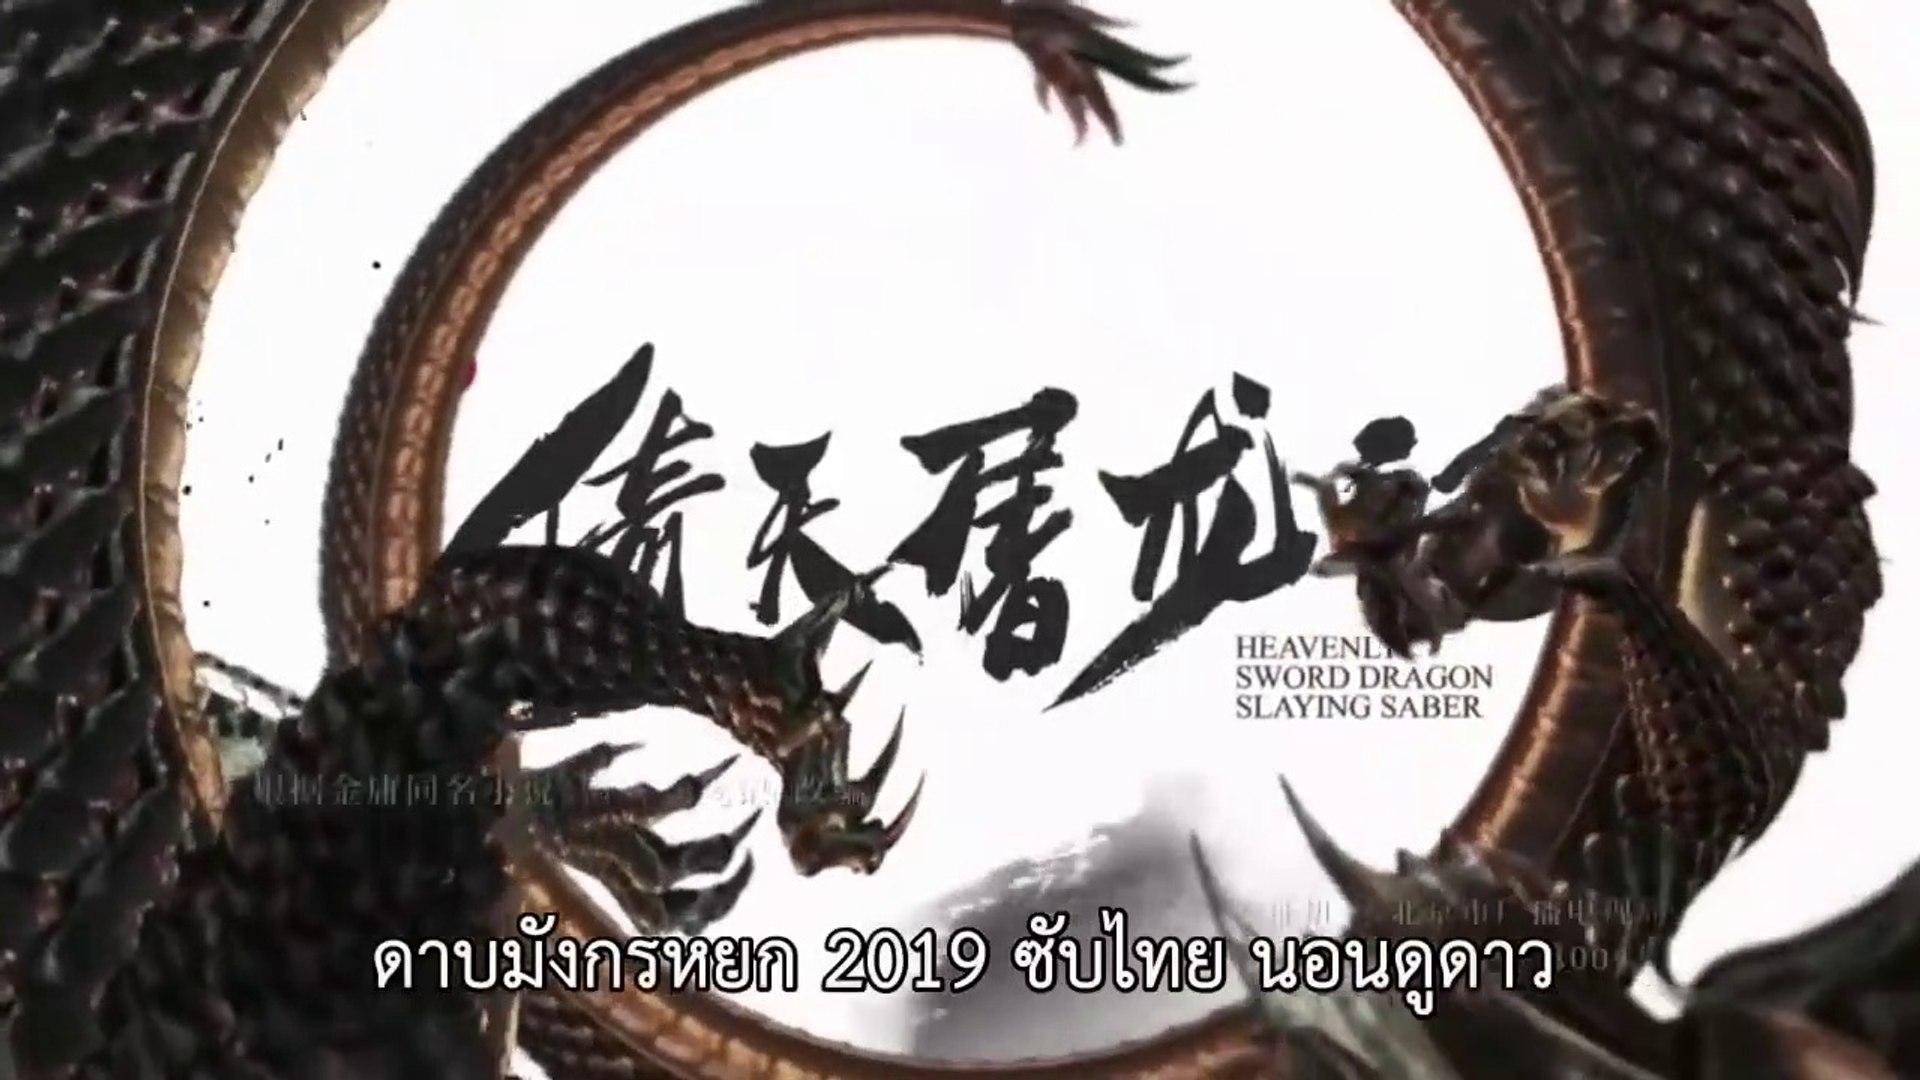 ดาบมังกรหยก2019 ซับไทย ตอนที่ 4